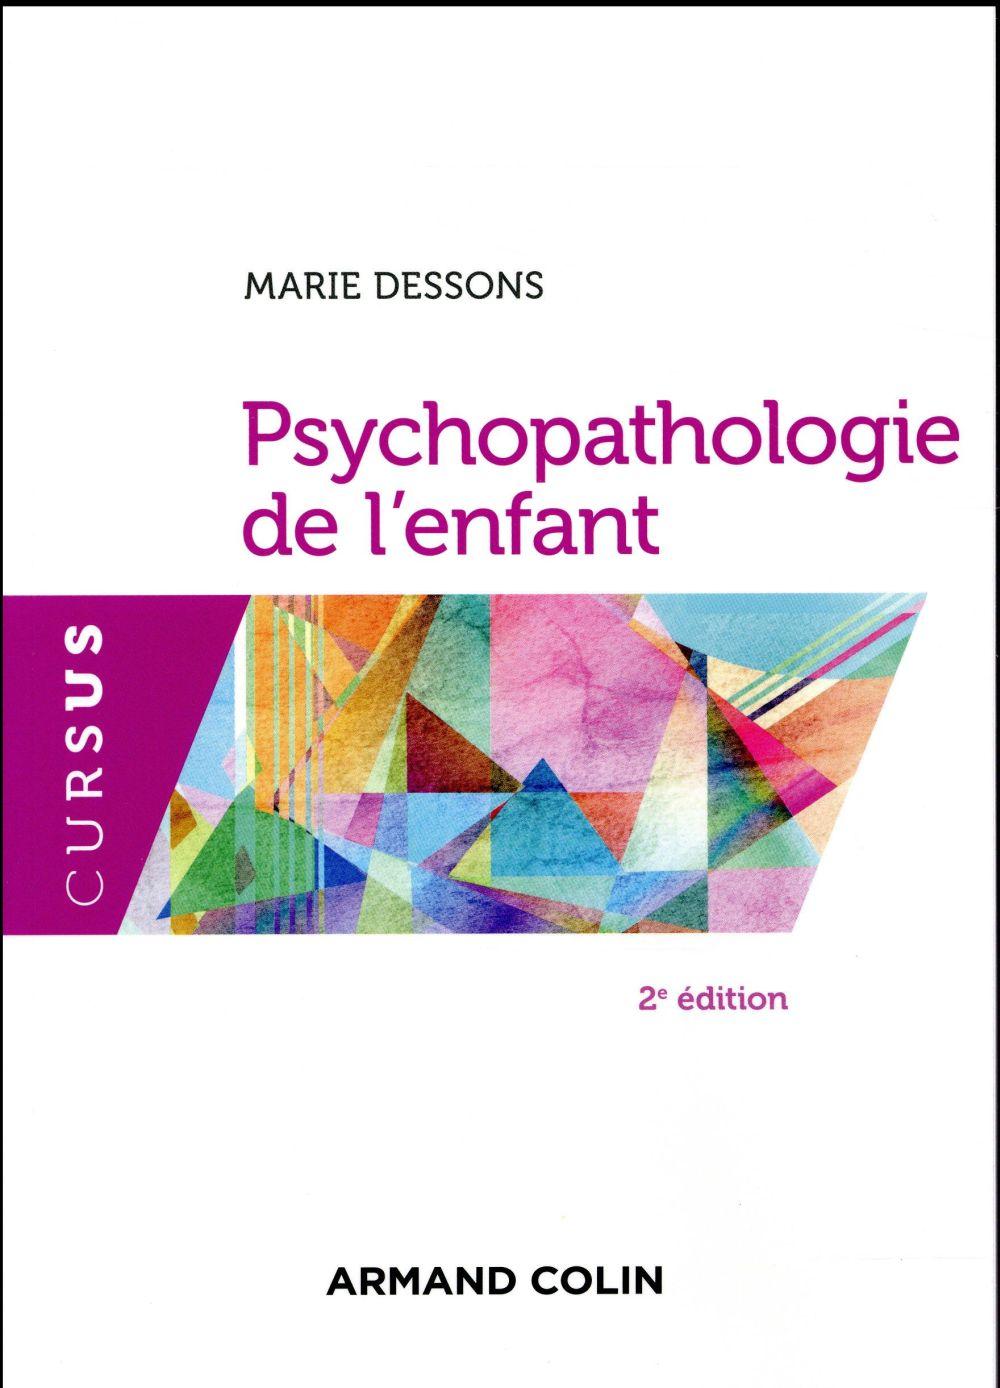 Psychopathologie de l'enfant (2e édition)